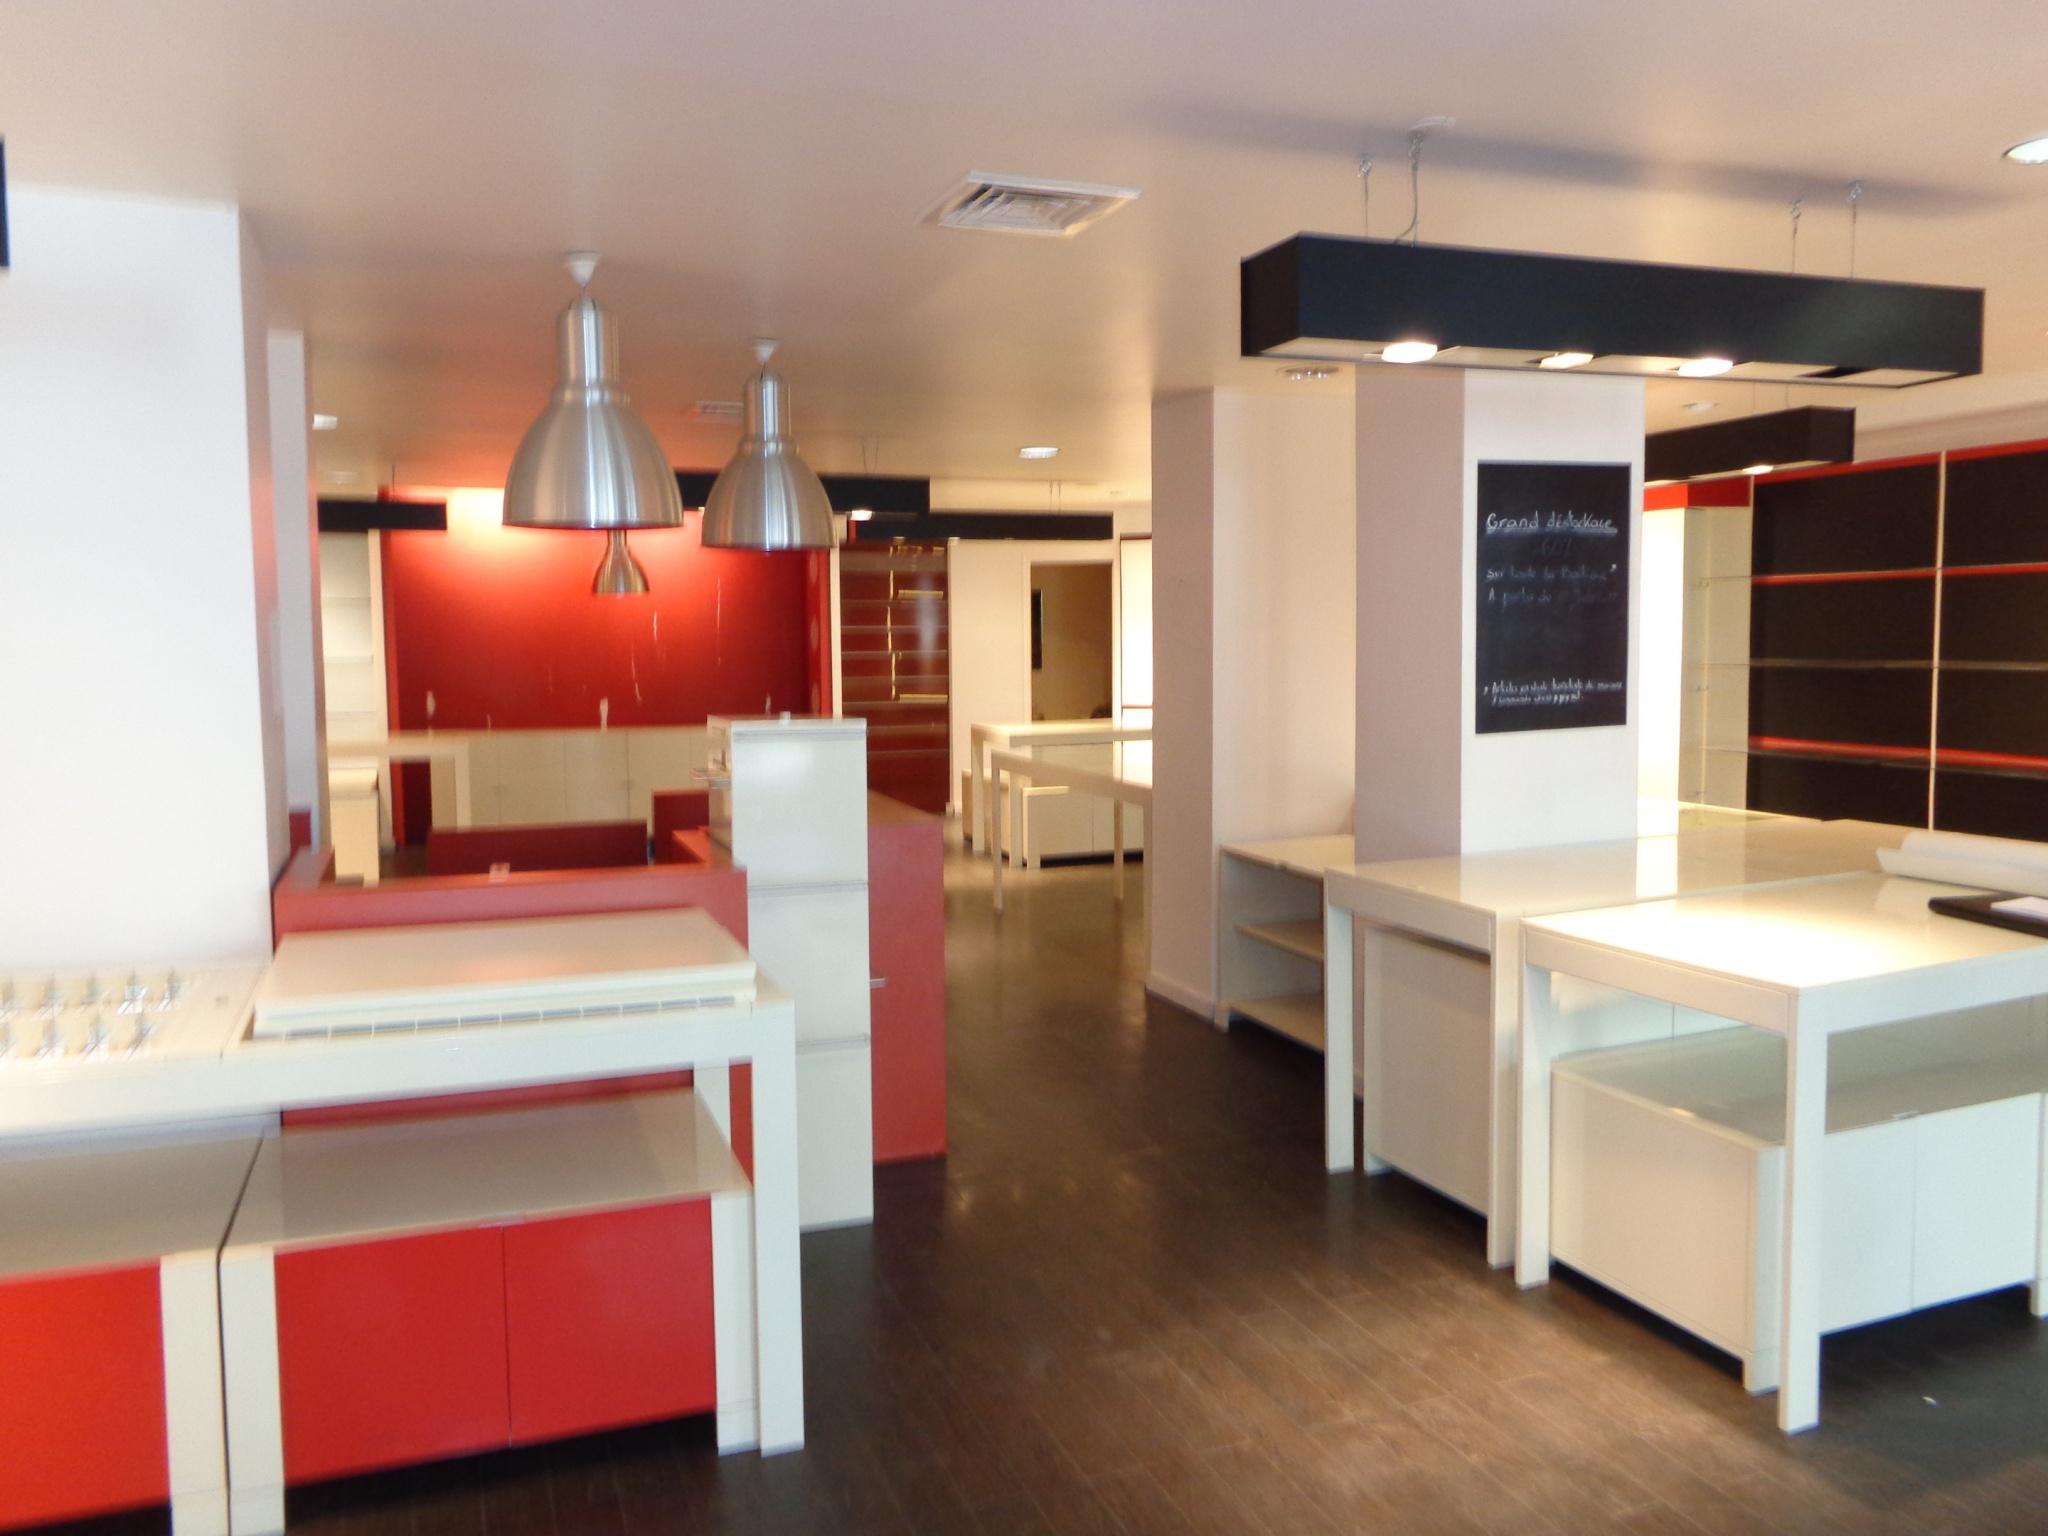 Bel emplacement commercial hyper centre sur 236 m2 de surface totale